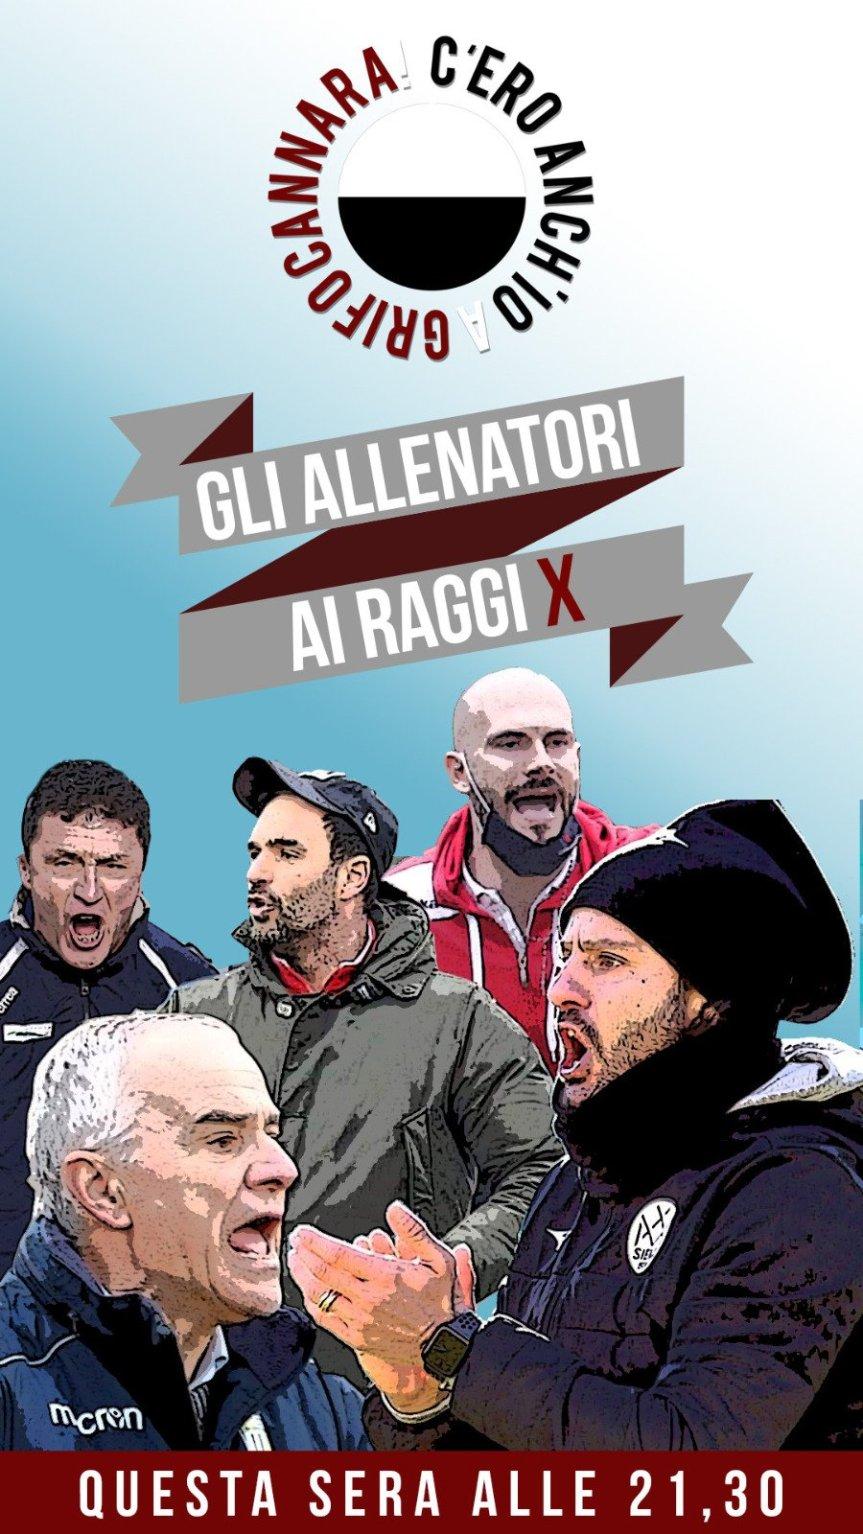 """Siena, Acn Siena: Oggi 16/03 C'ero anche io a Grifo Cannara, questa sera """"gli allenatori ai raggiX"""""""